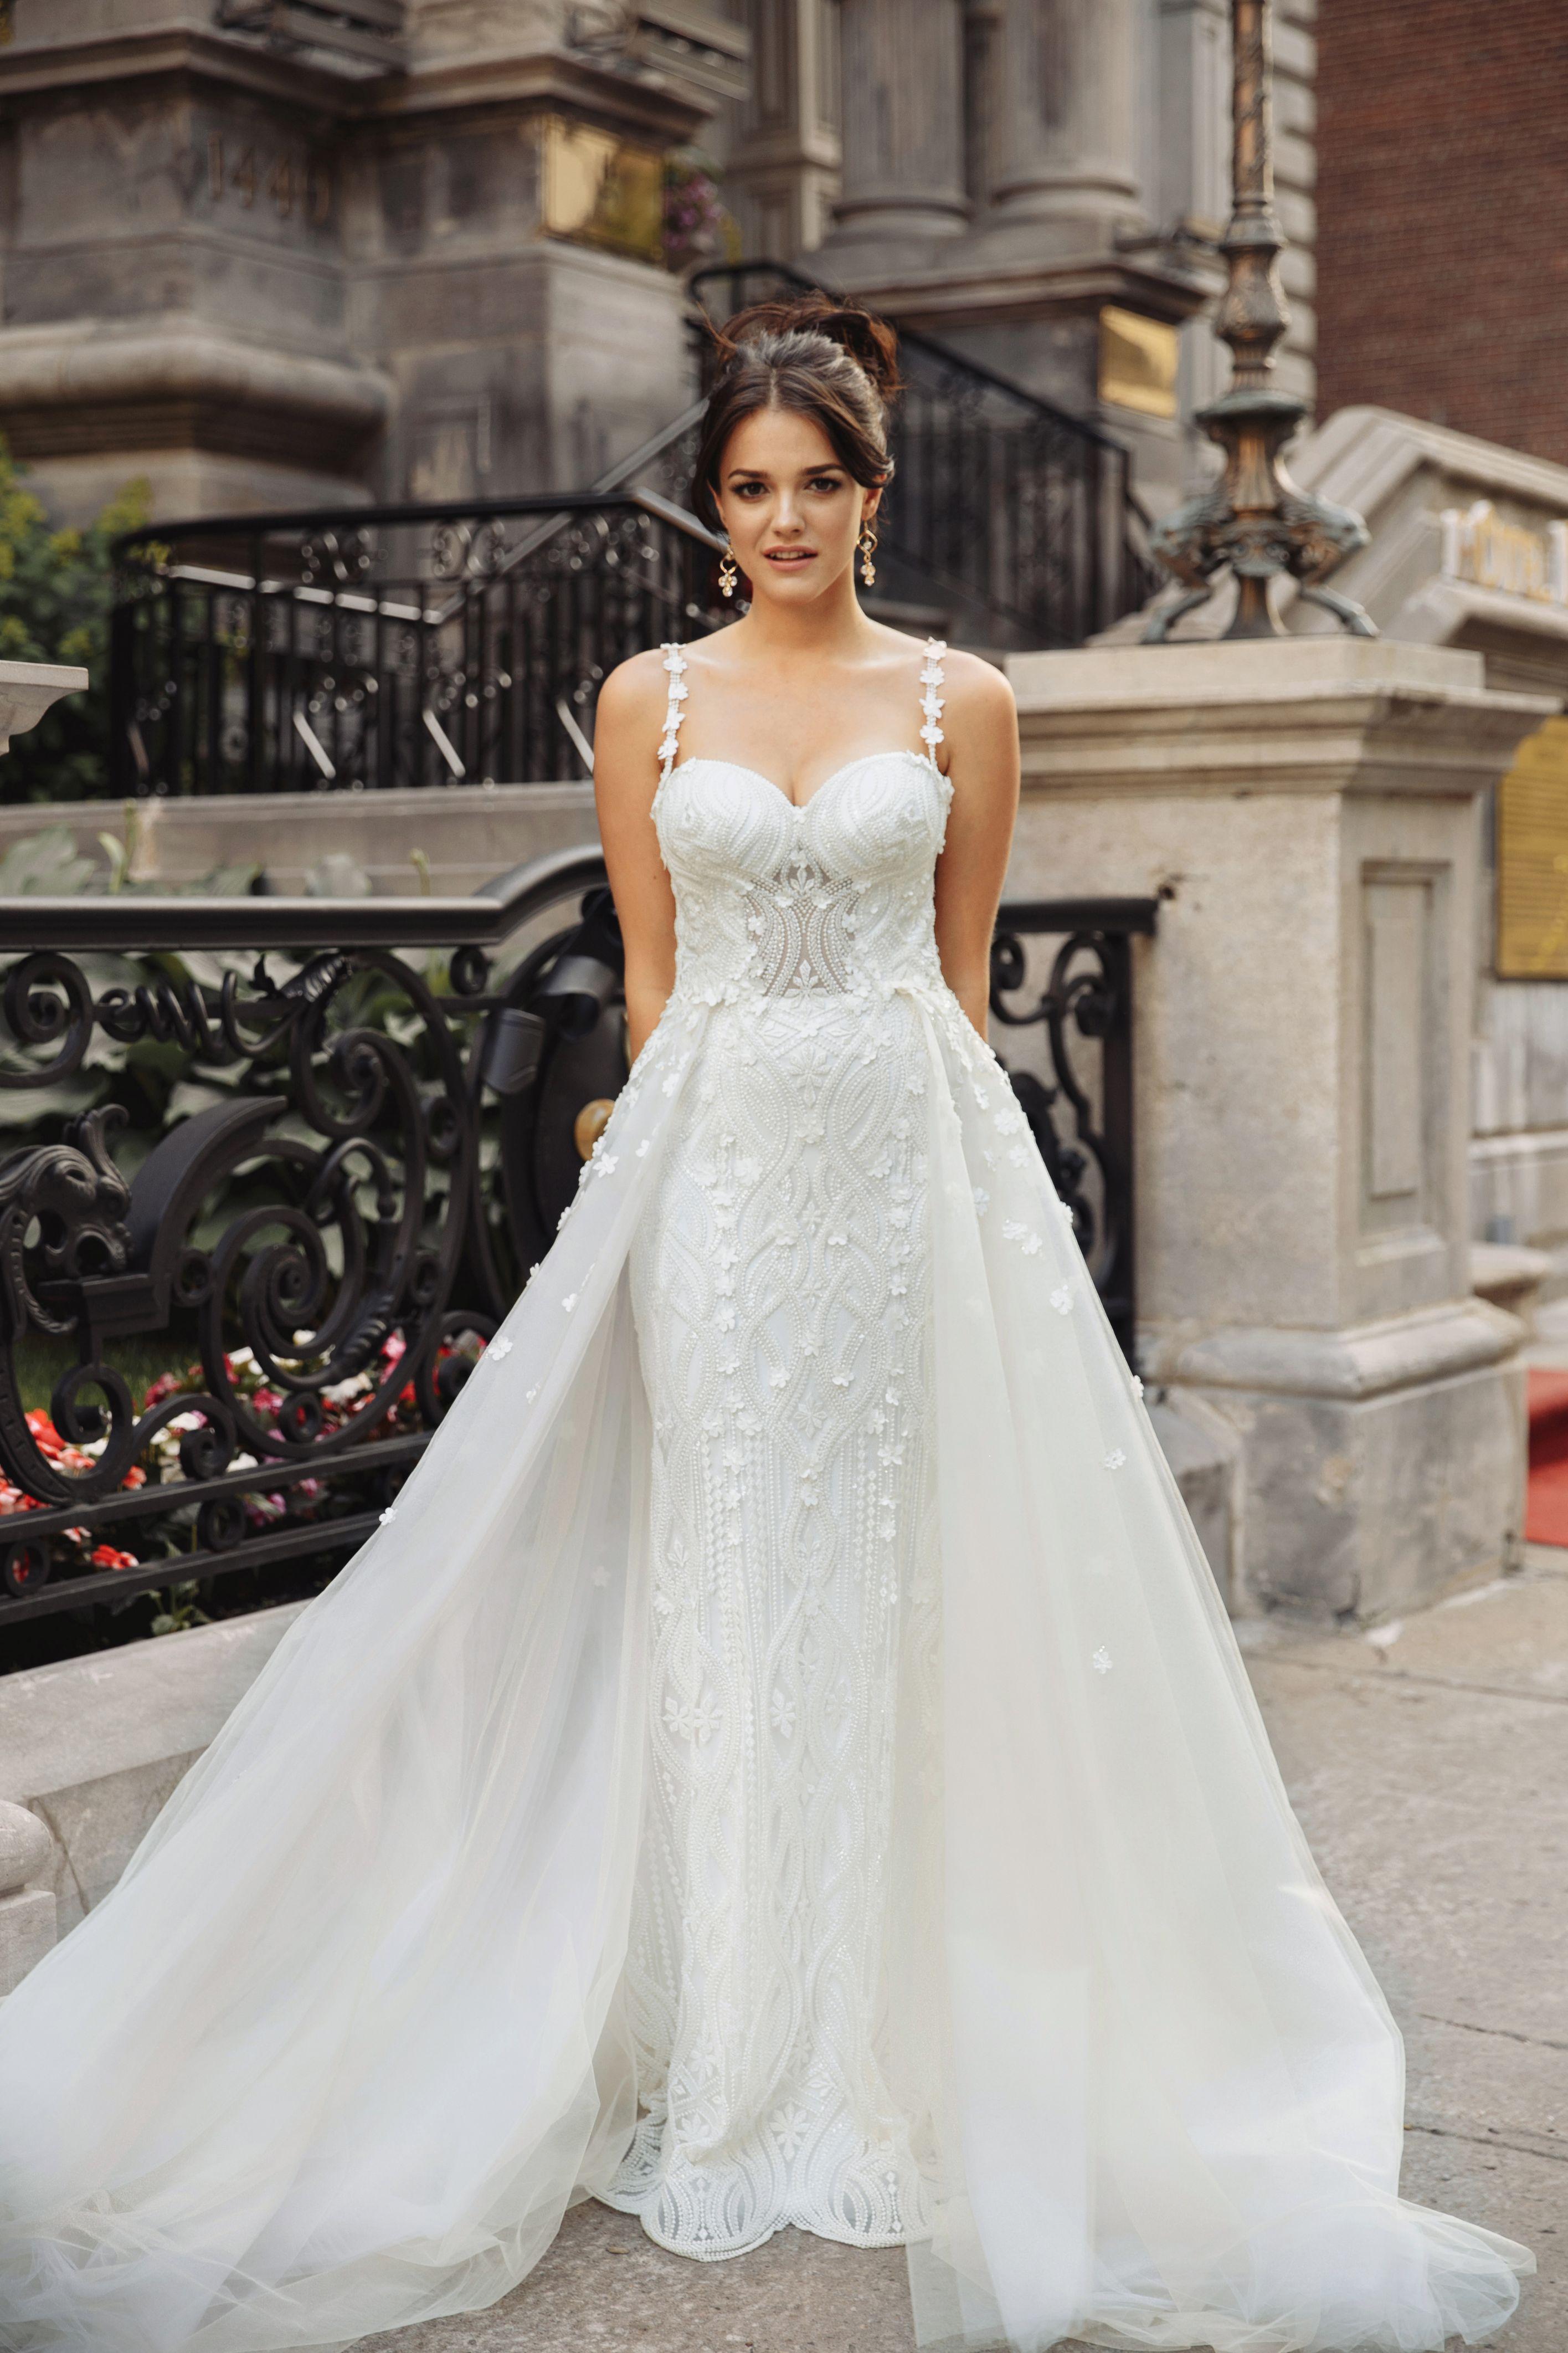 robe de mariee jupe detachable robes de mariee exclusives sur mesure a montreal lilia haute couture